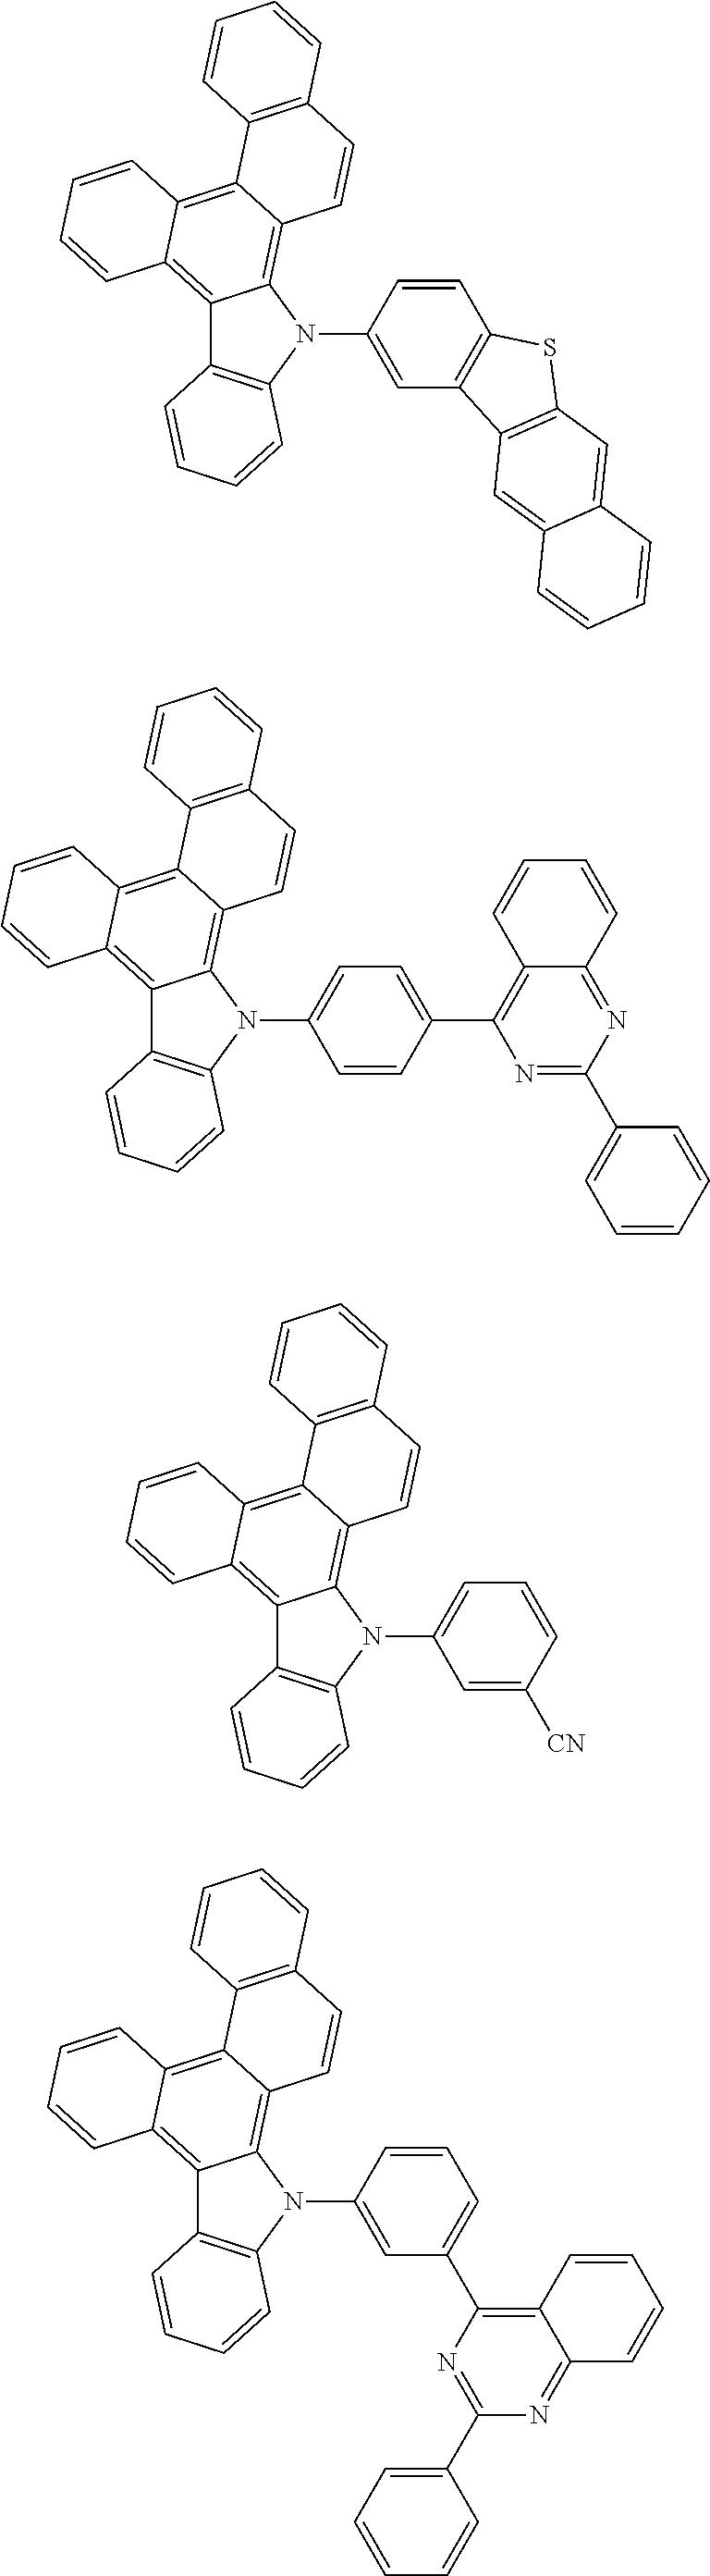 Figure US09837615-20171205-C00036